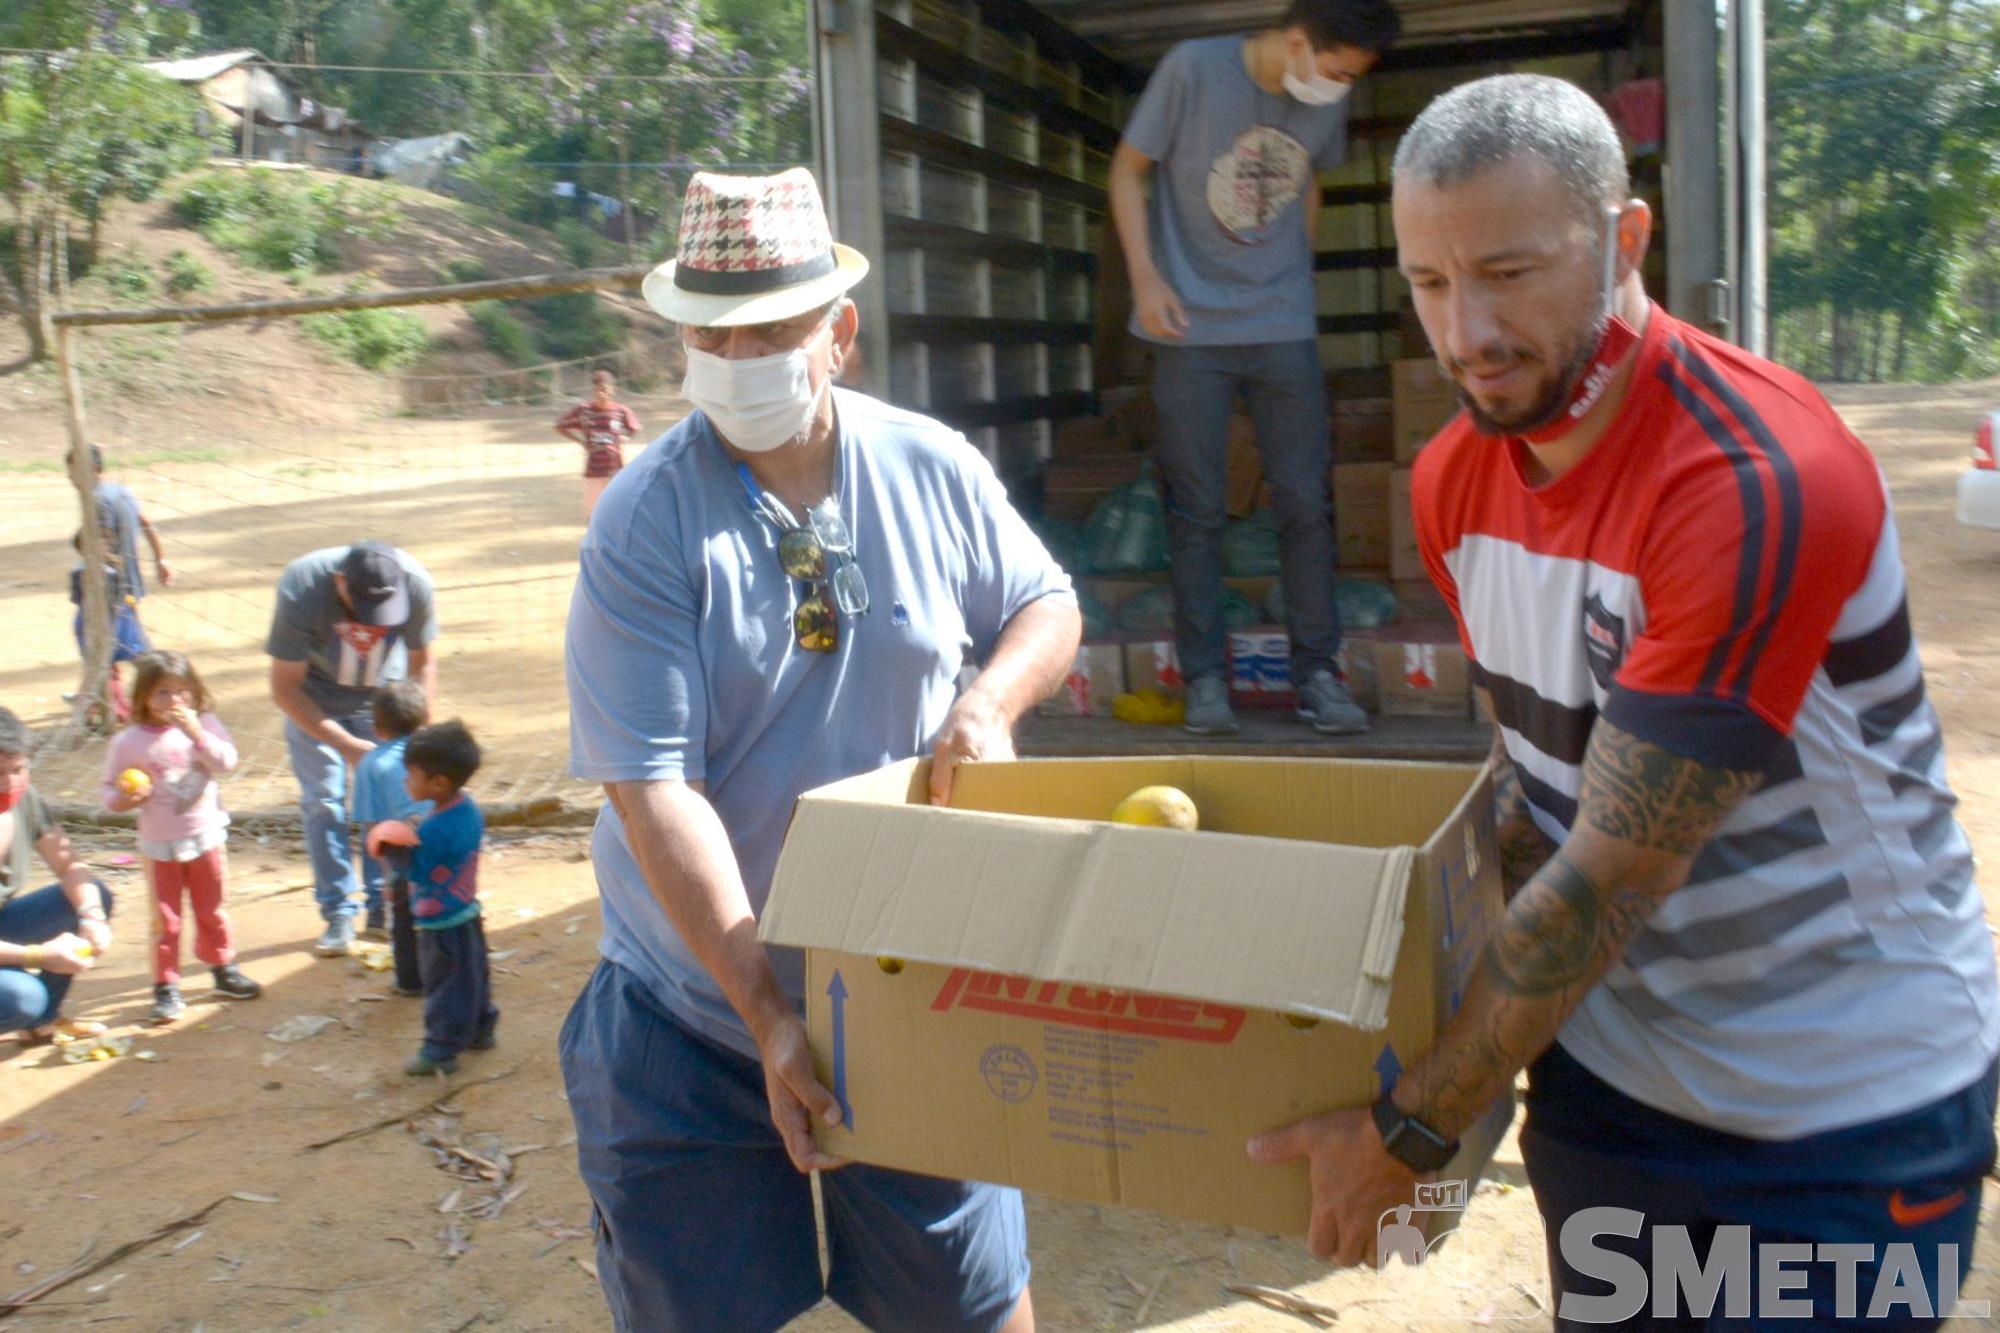 Foguinho/Imprensa SMetal , Tapiraí: famílias indígenas recebem doação da Campanha Natal sem Fome